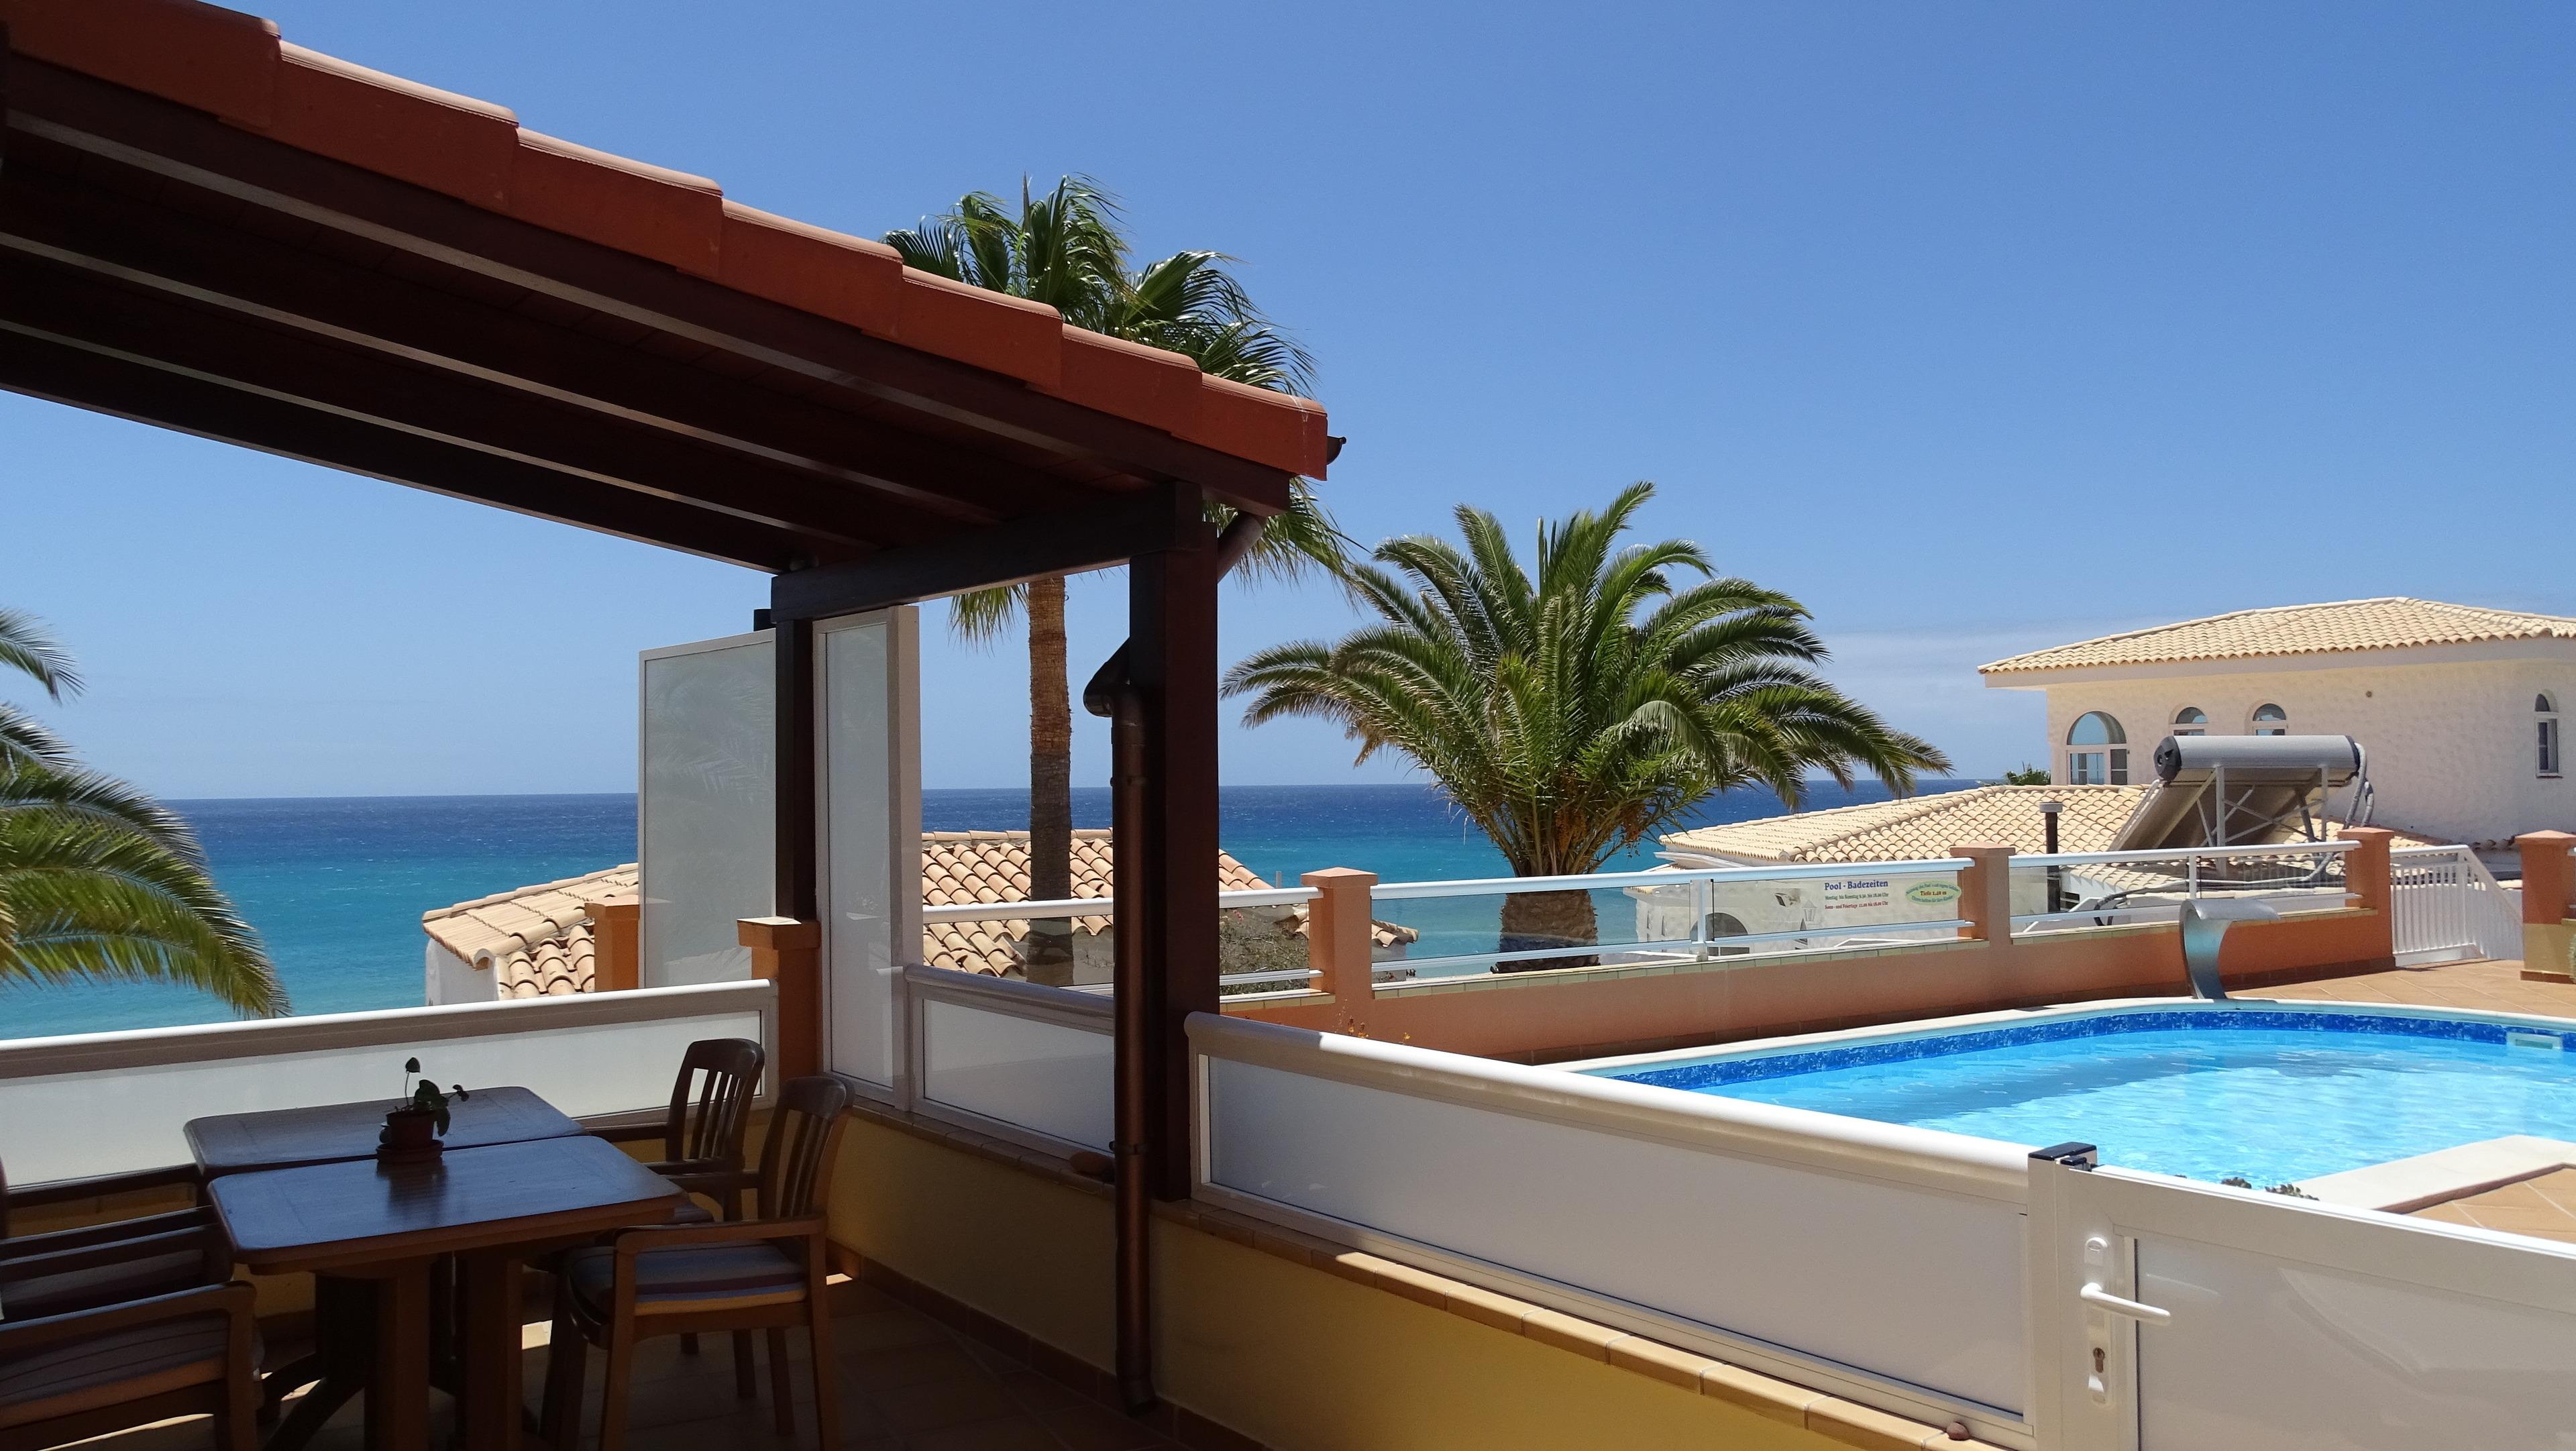 Ferienwohnung Ultra Tres 20 (2626372), Costa Calma, Fuerteventura, Kanarische Inseln, Spanien, Bild 1